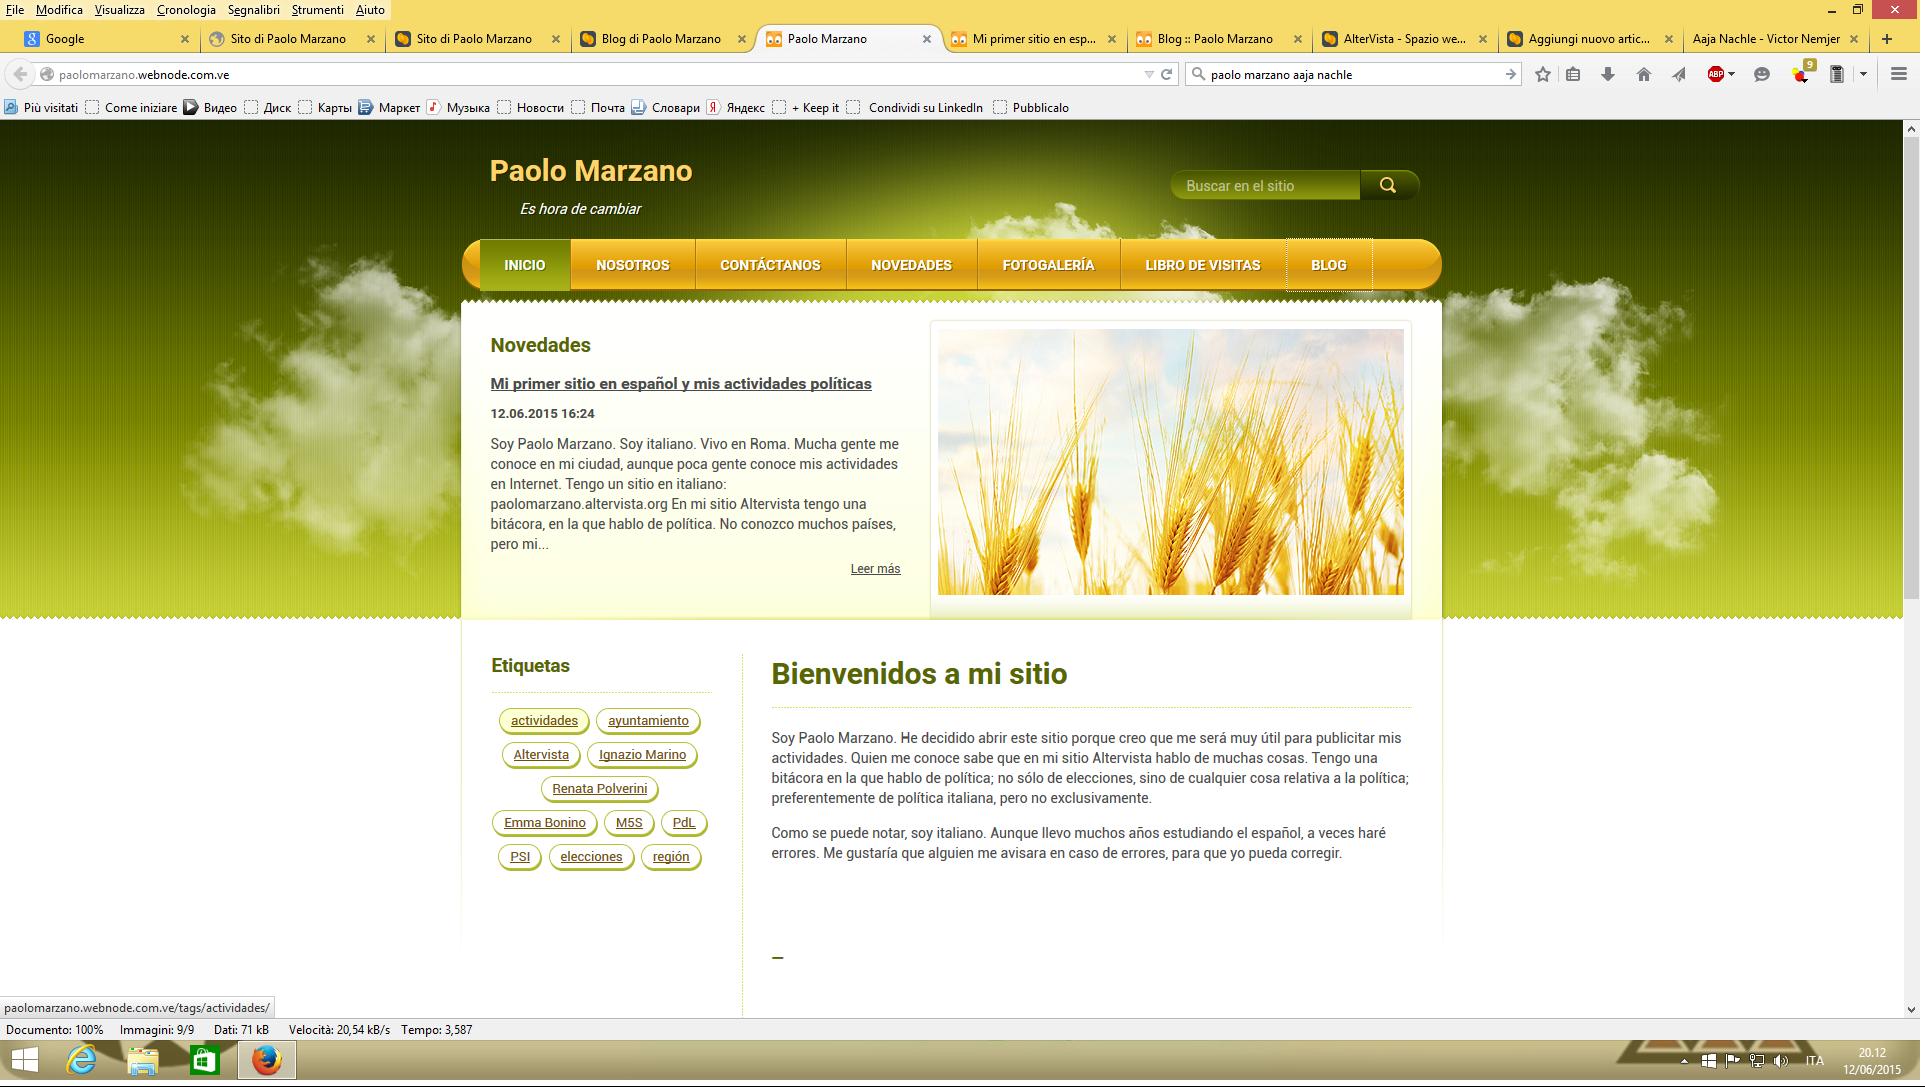 nuovo sito in spagnolo